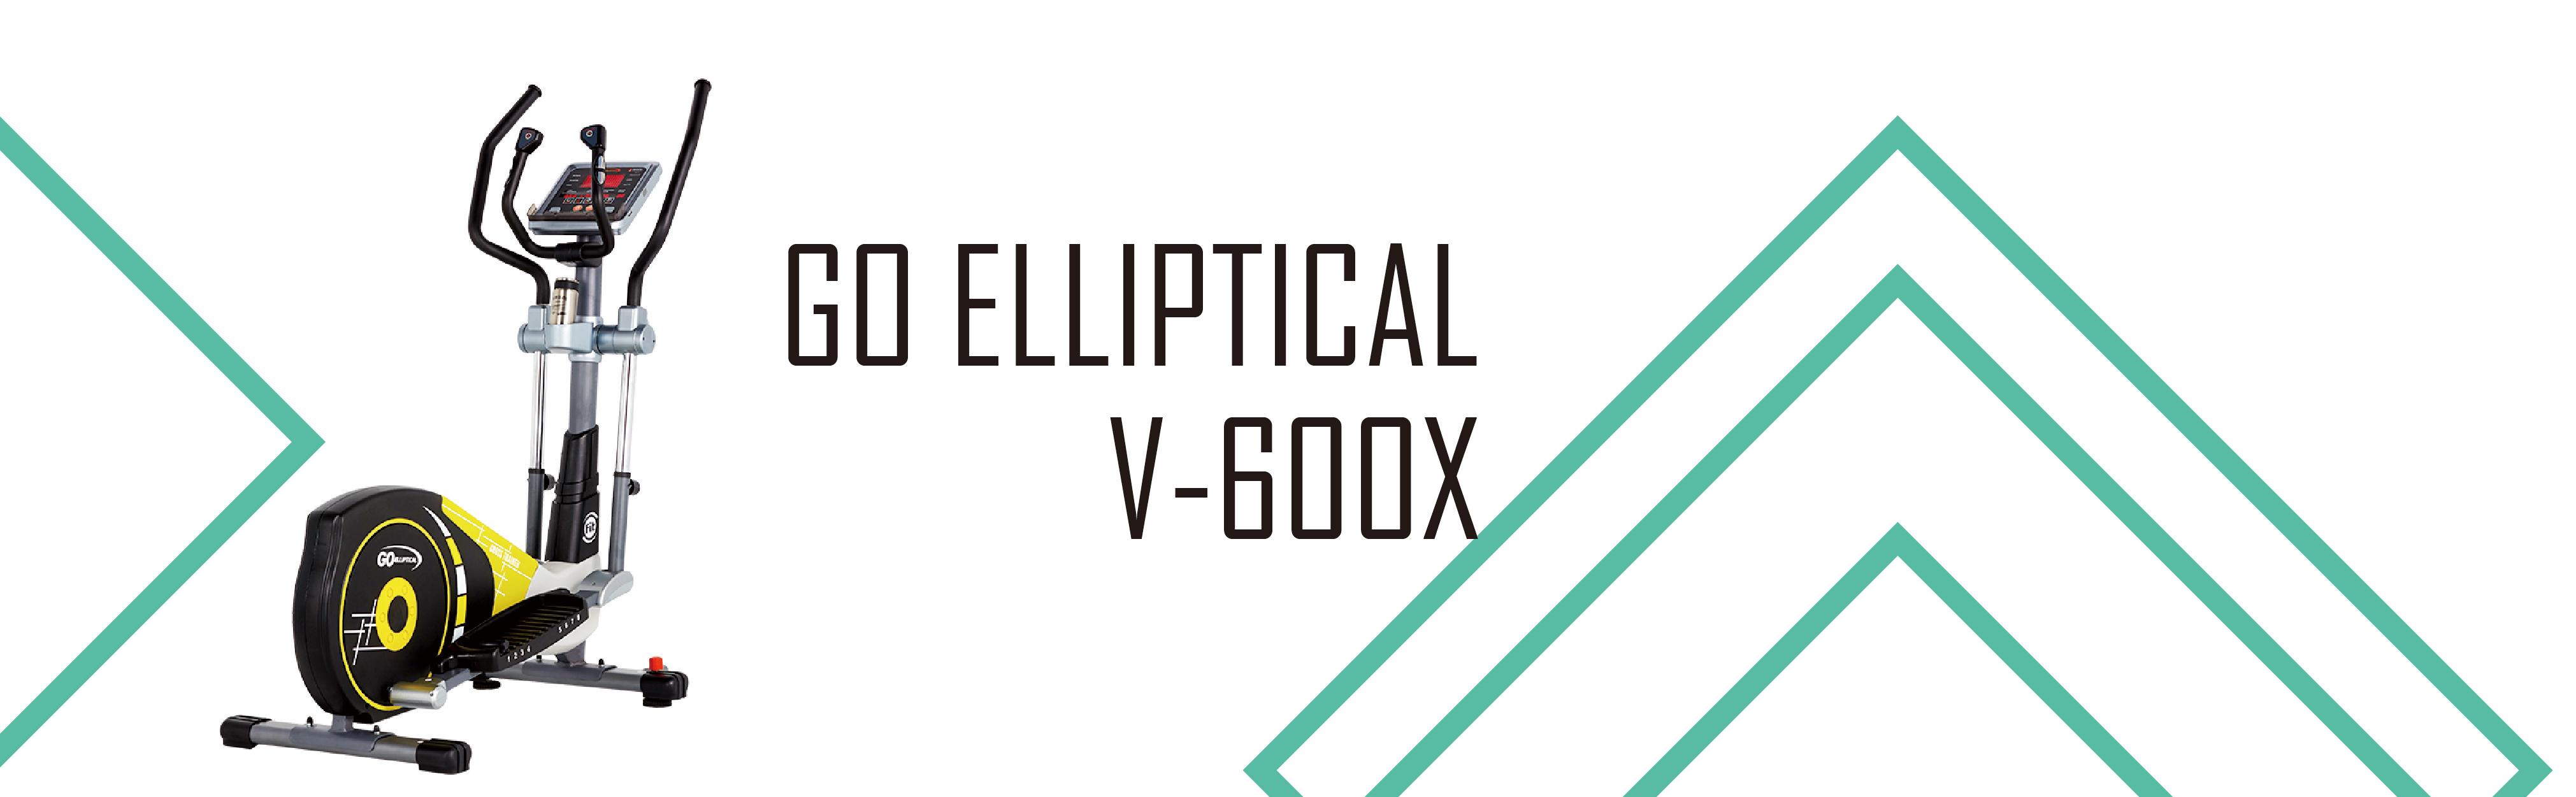 V 600x01